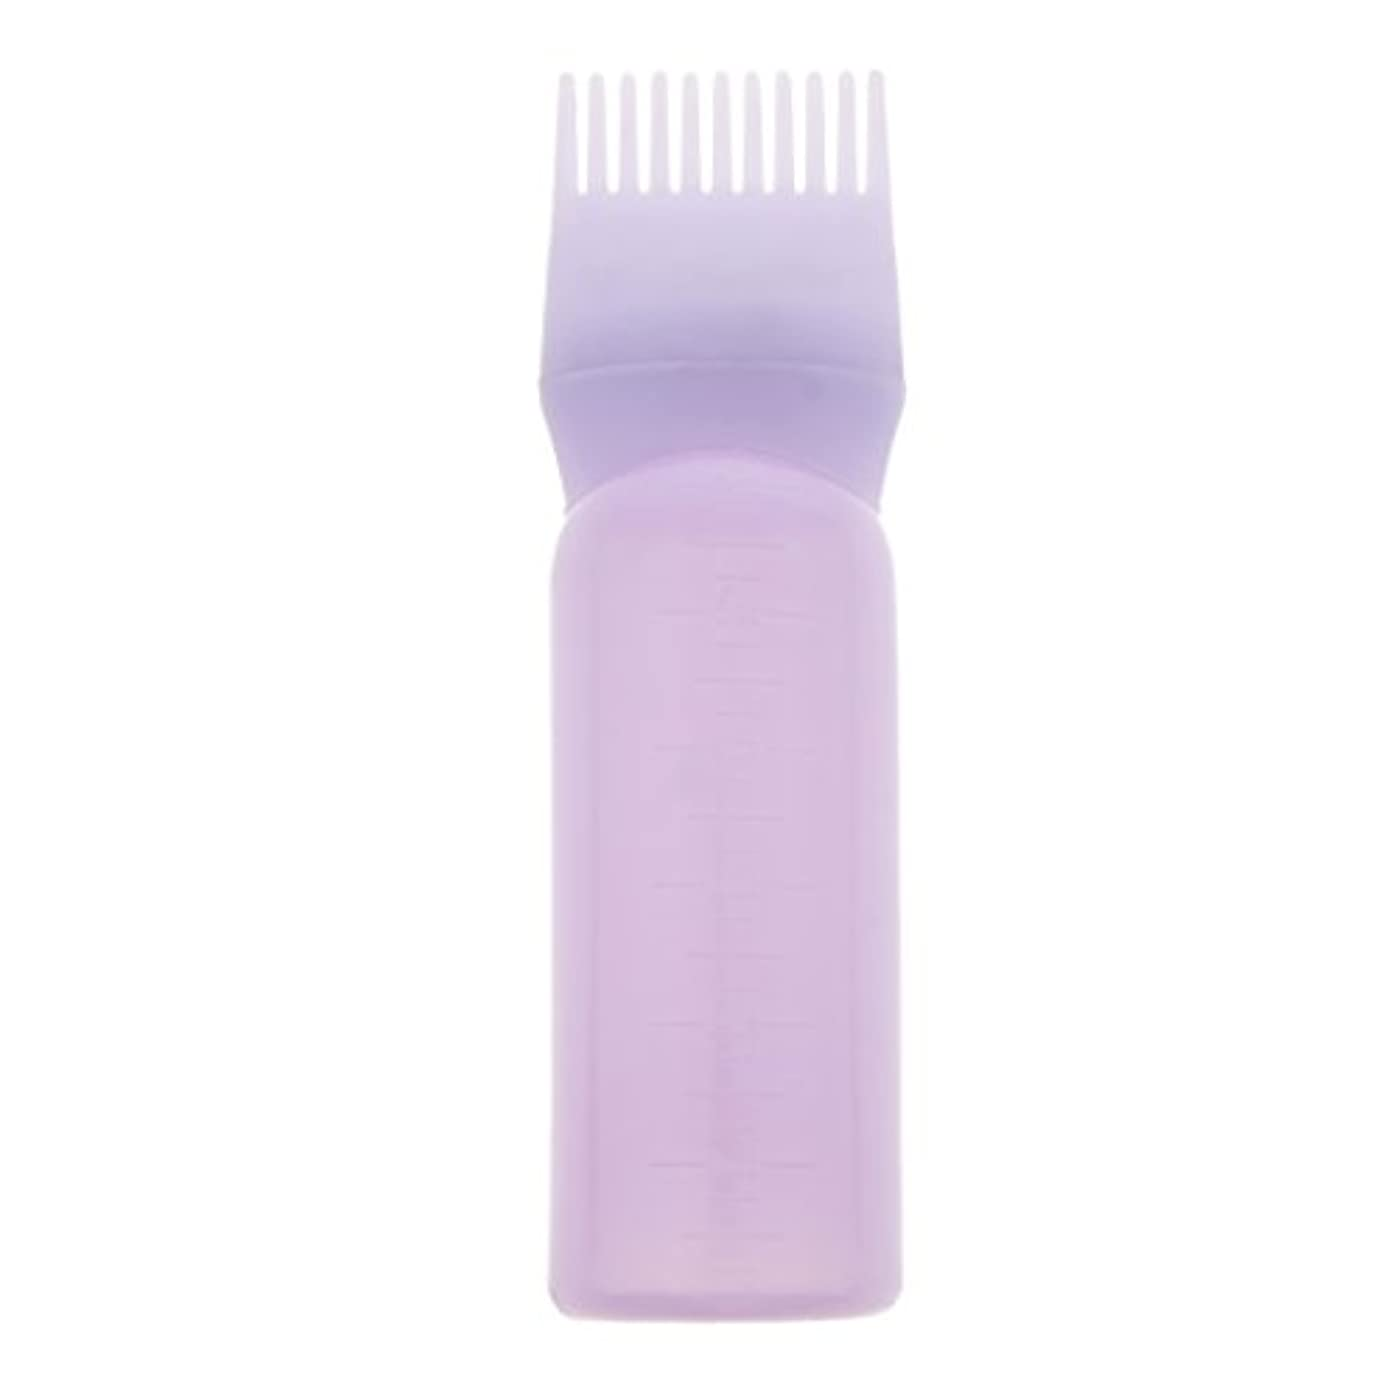 神秘的な収束秘密のルートコームヘアダイボトルアプリケーターサロンヘアカラーディスペンサーブラシ(120ml) - 紫